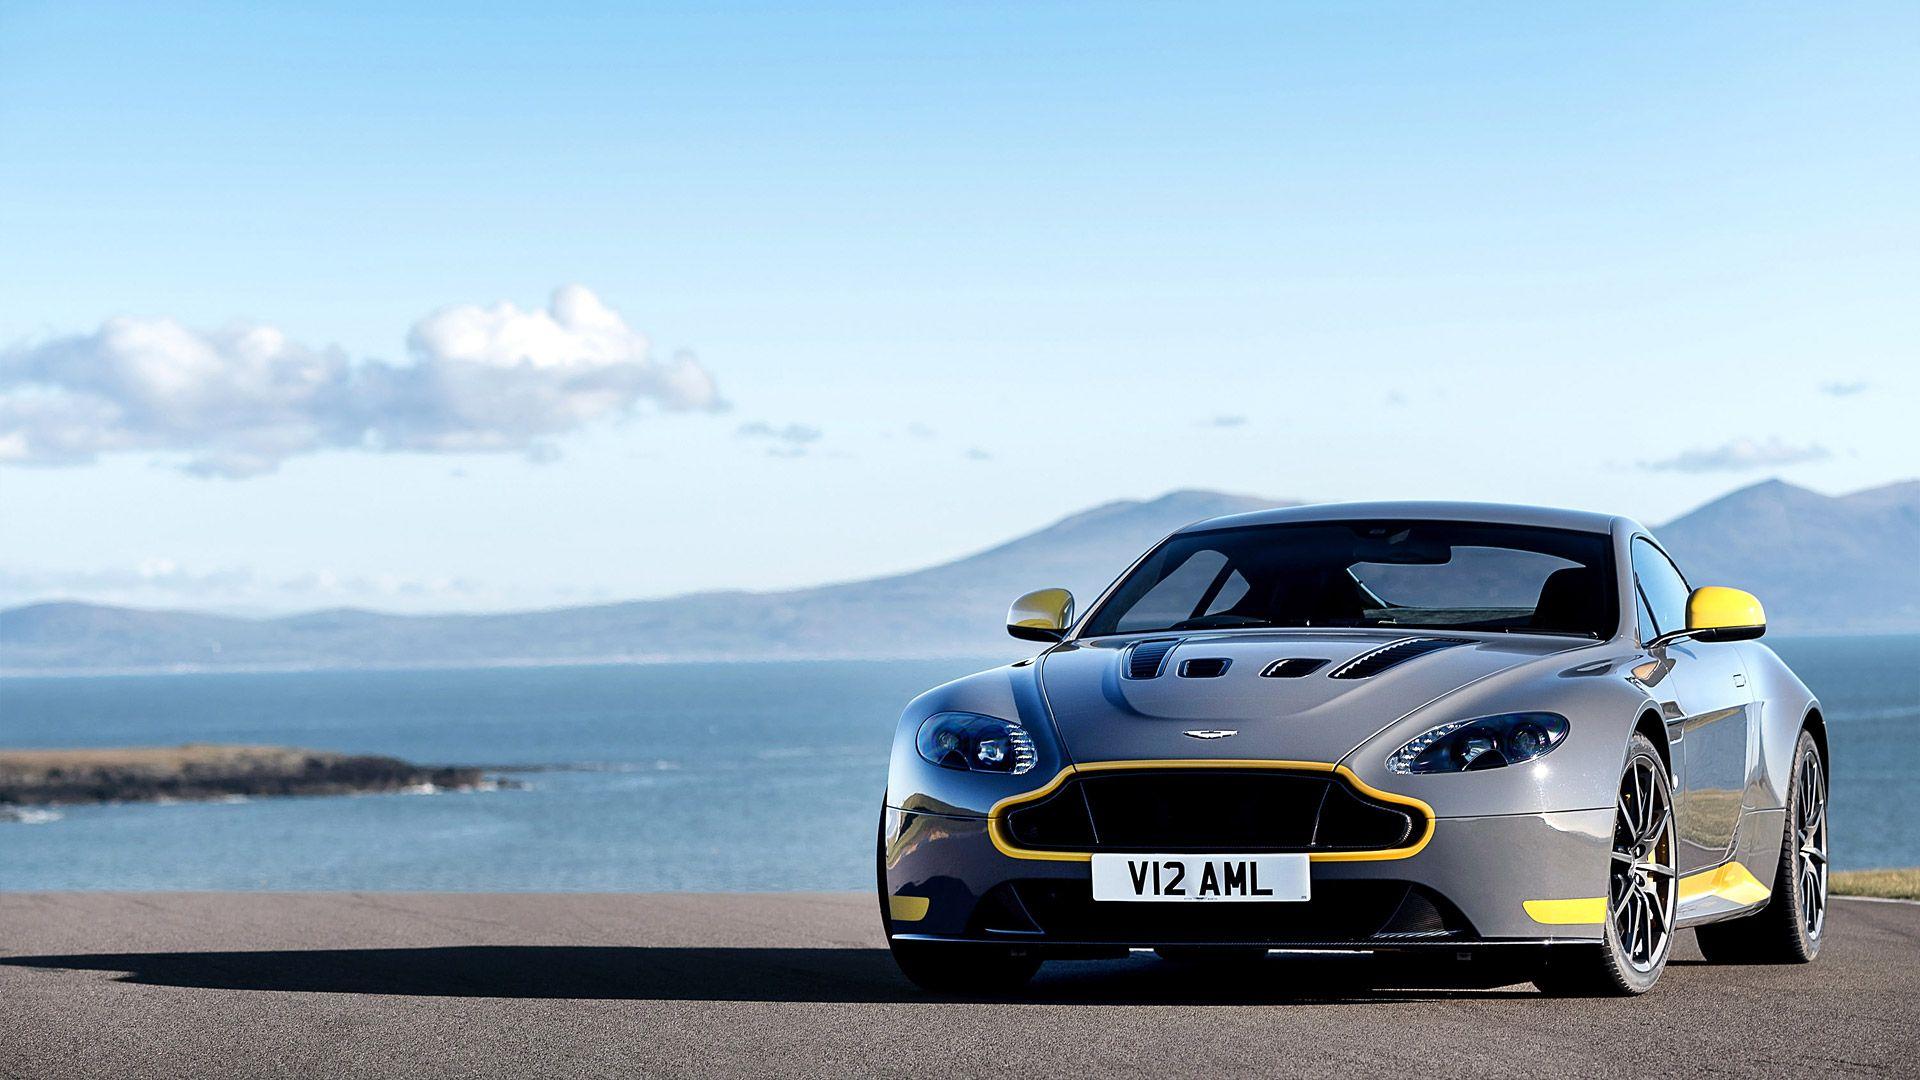 Aston Martin V8 Vantage S Wallpapers Desktop Aston Martin V12 Aston Martin V12 Vantage Aston Martin